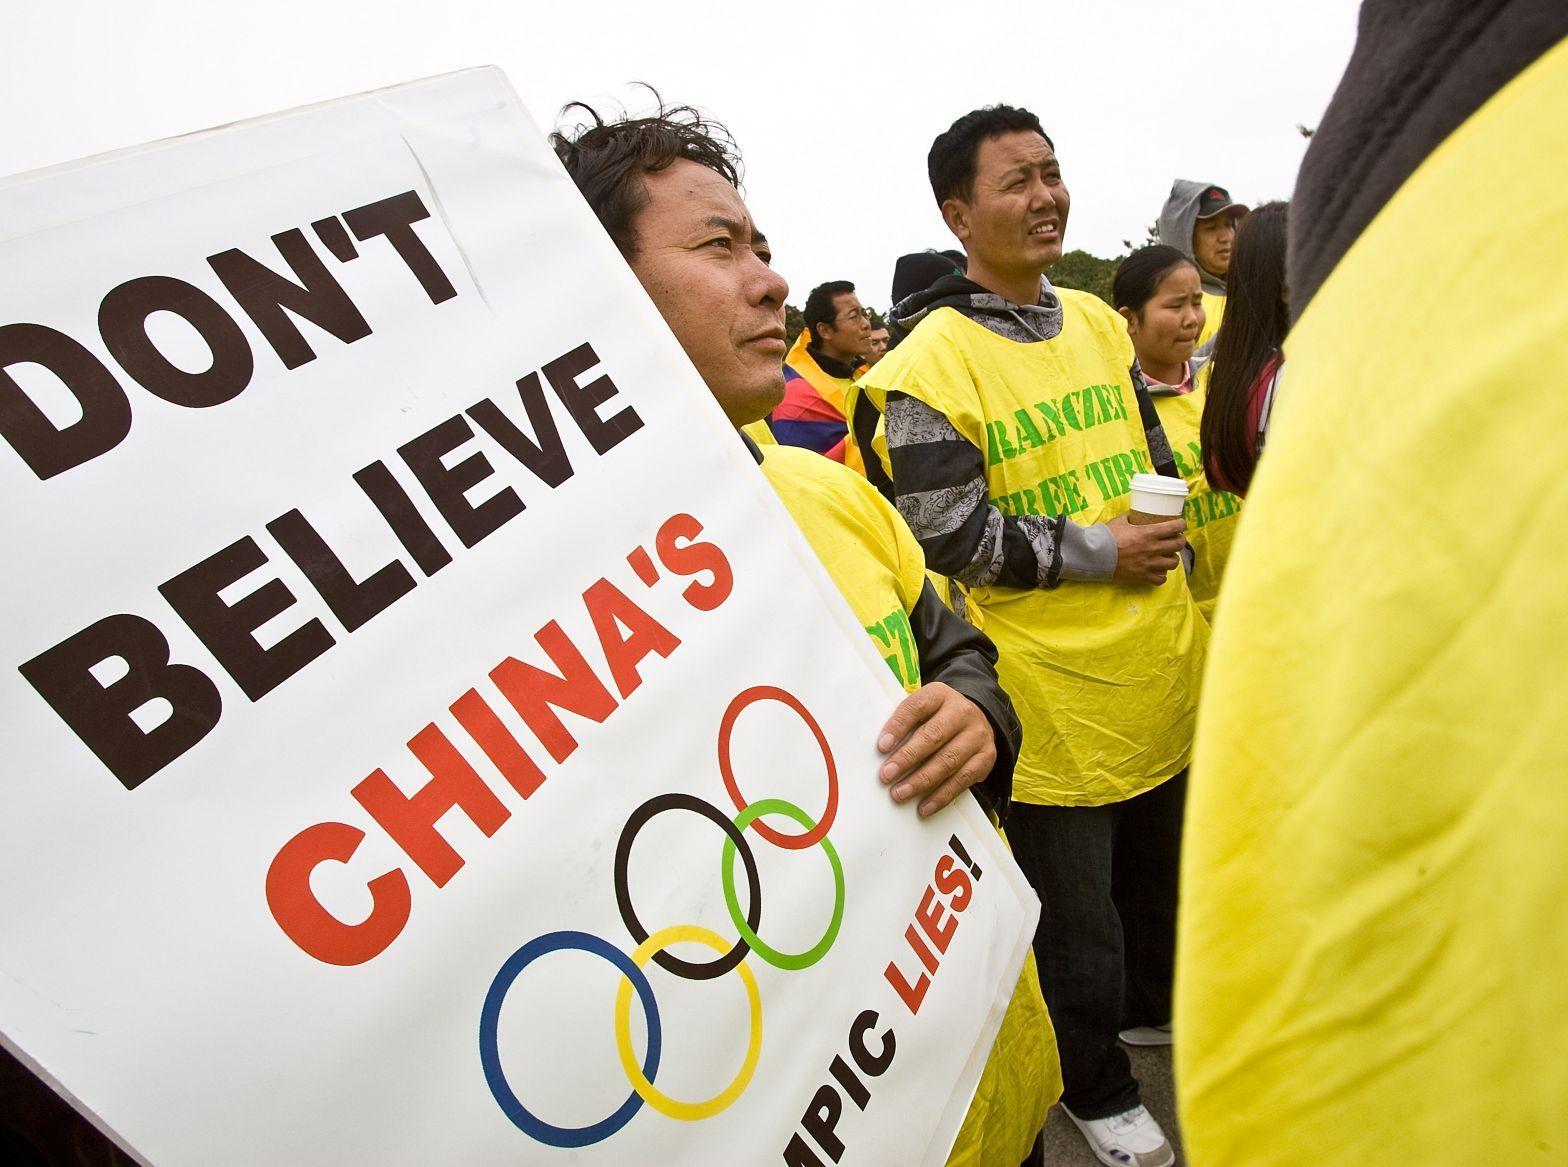 Olympische Spiele katastrophal für Meinungsfreiheit in China